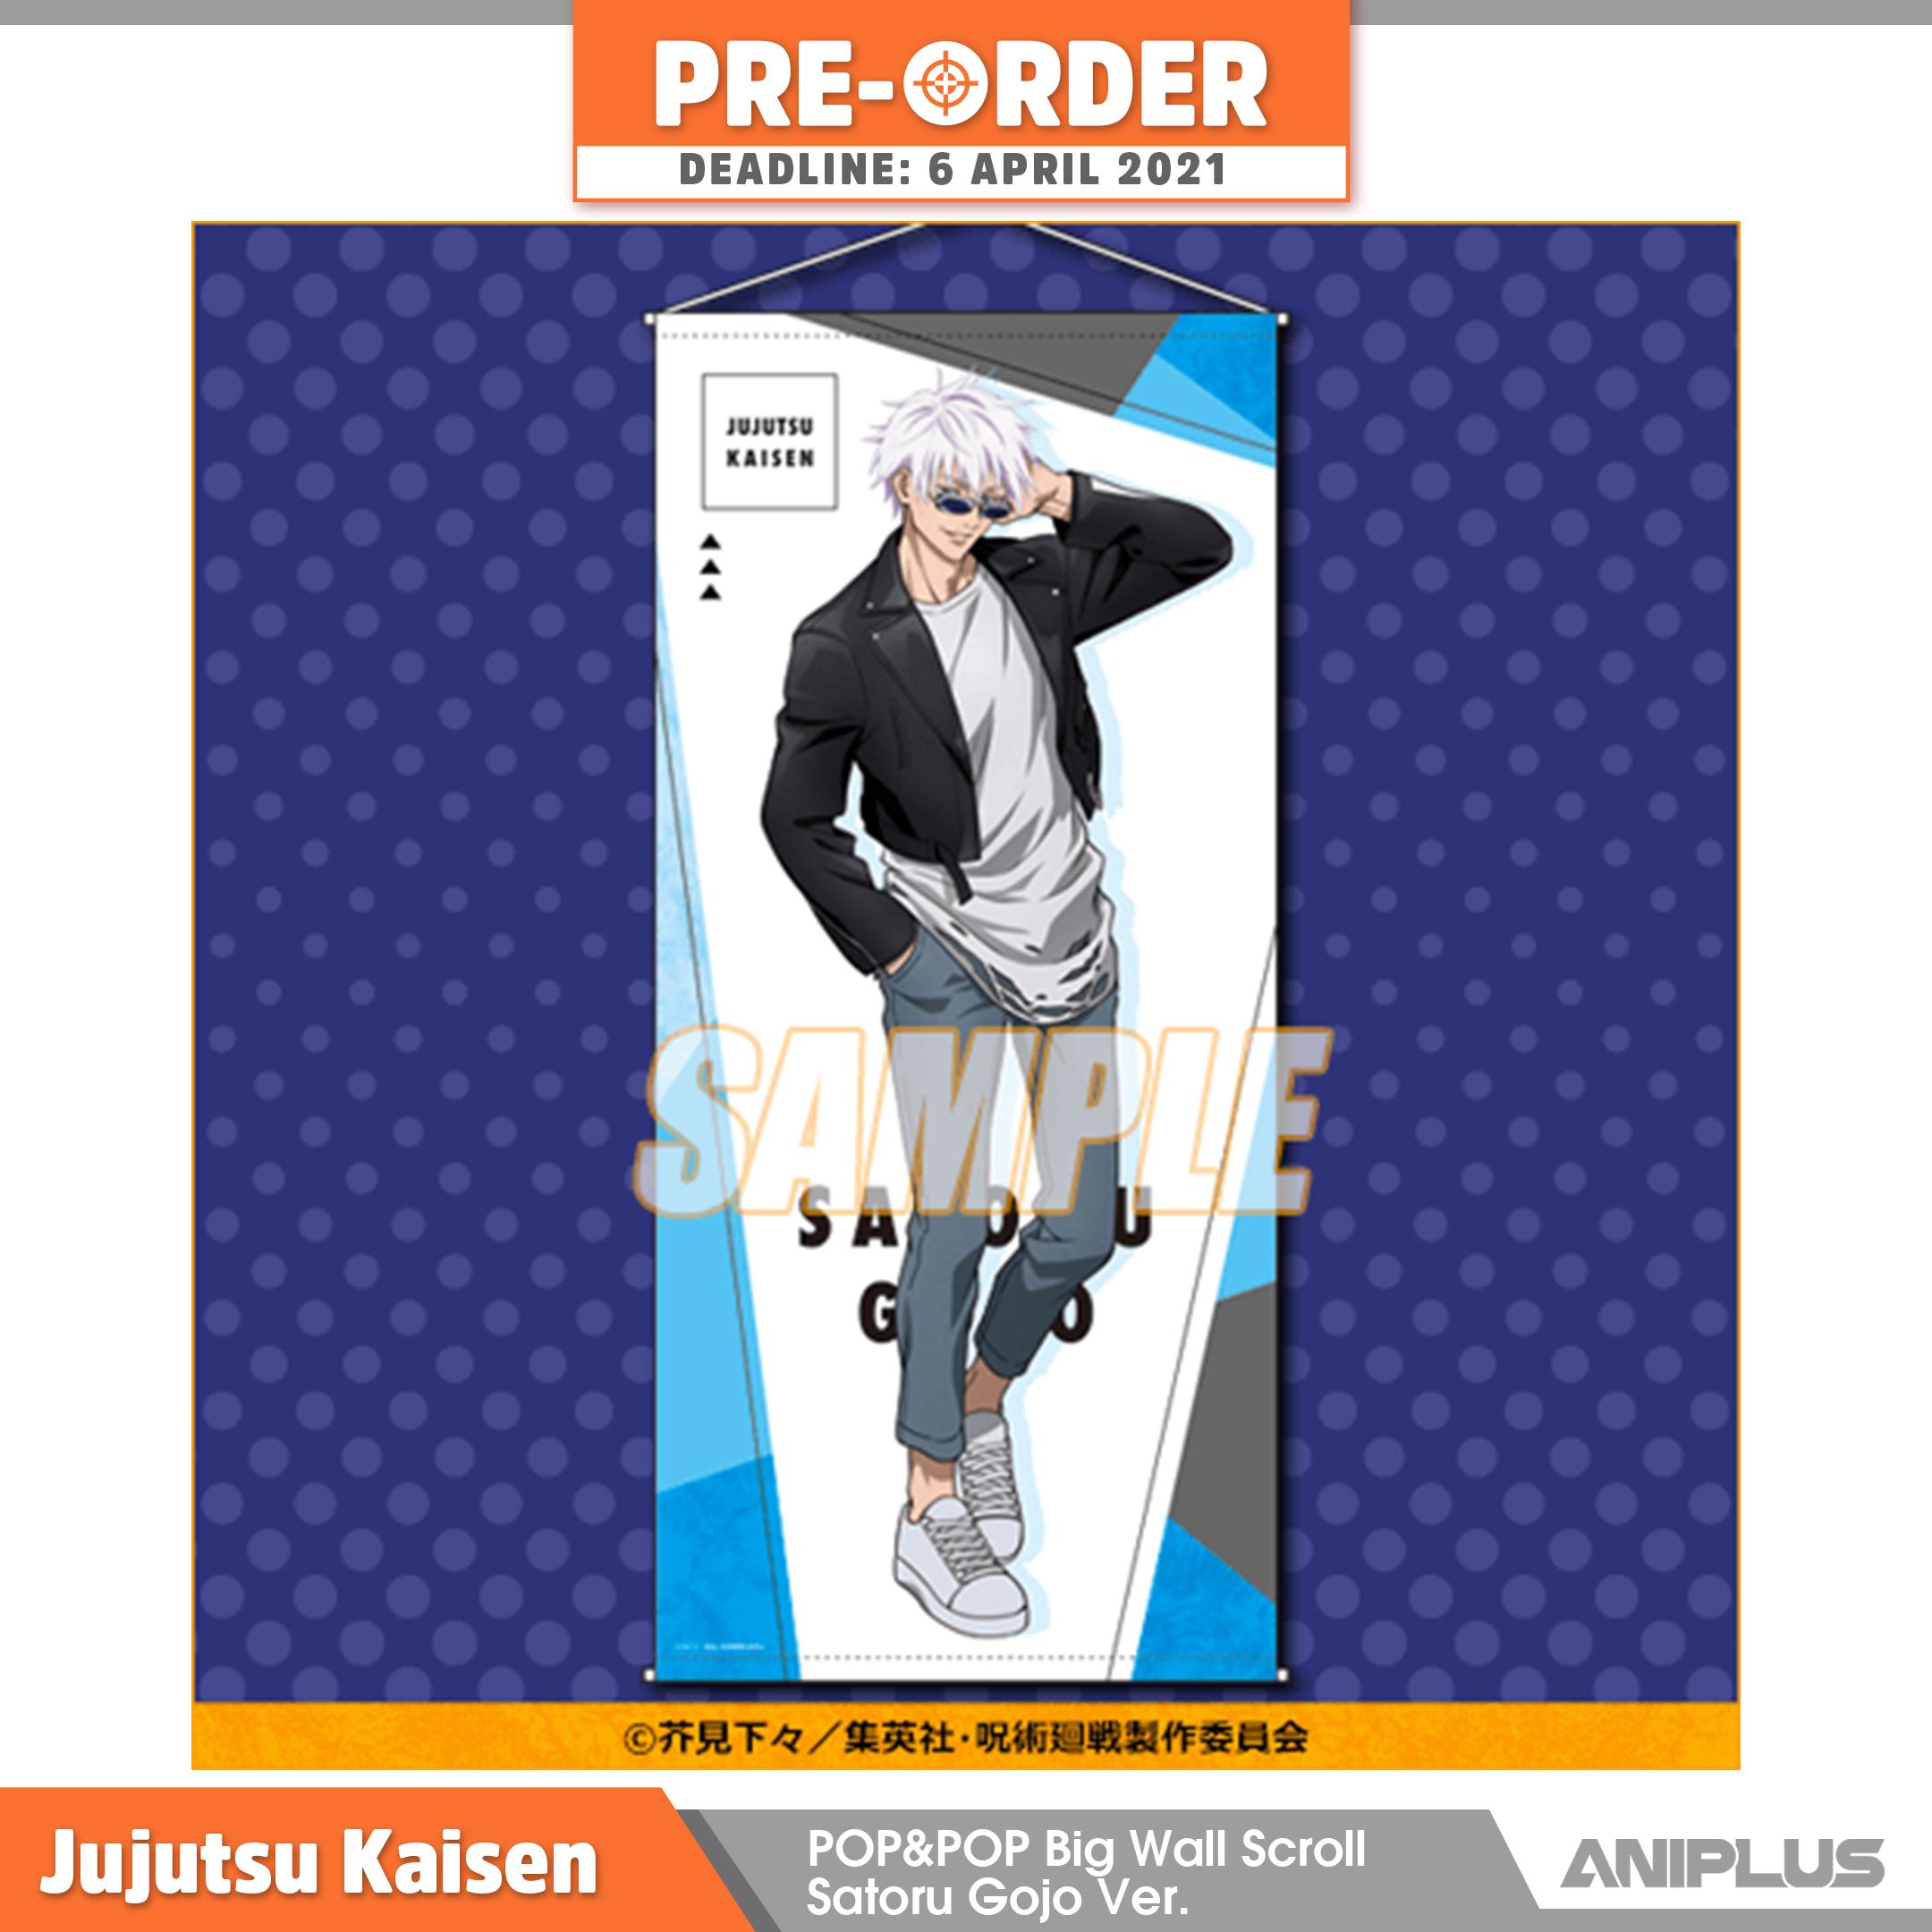 Jujutsu Kaisen POP&POP Big Wall Scroll Satoru Gojo Ver..png